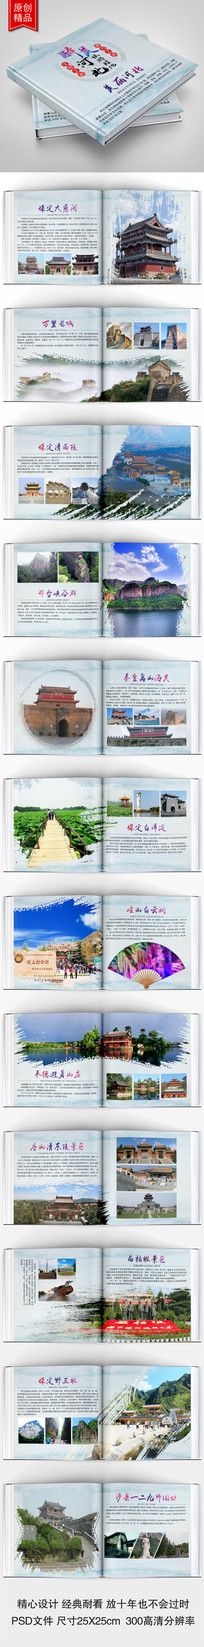 经典中国风河北印象旅游画册